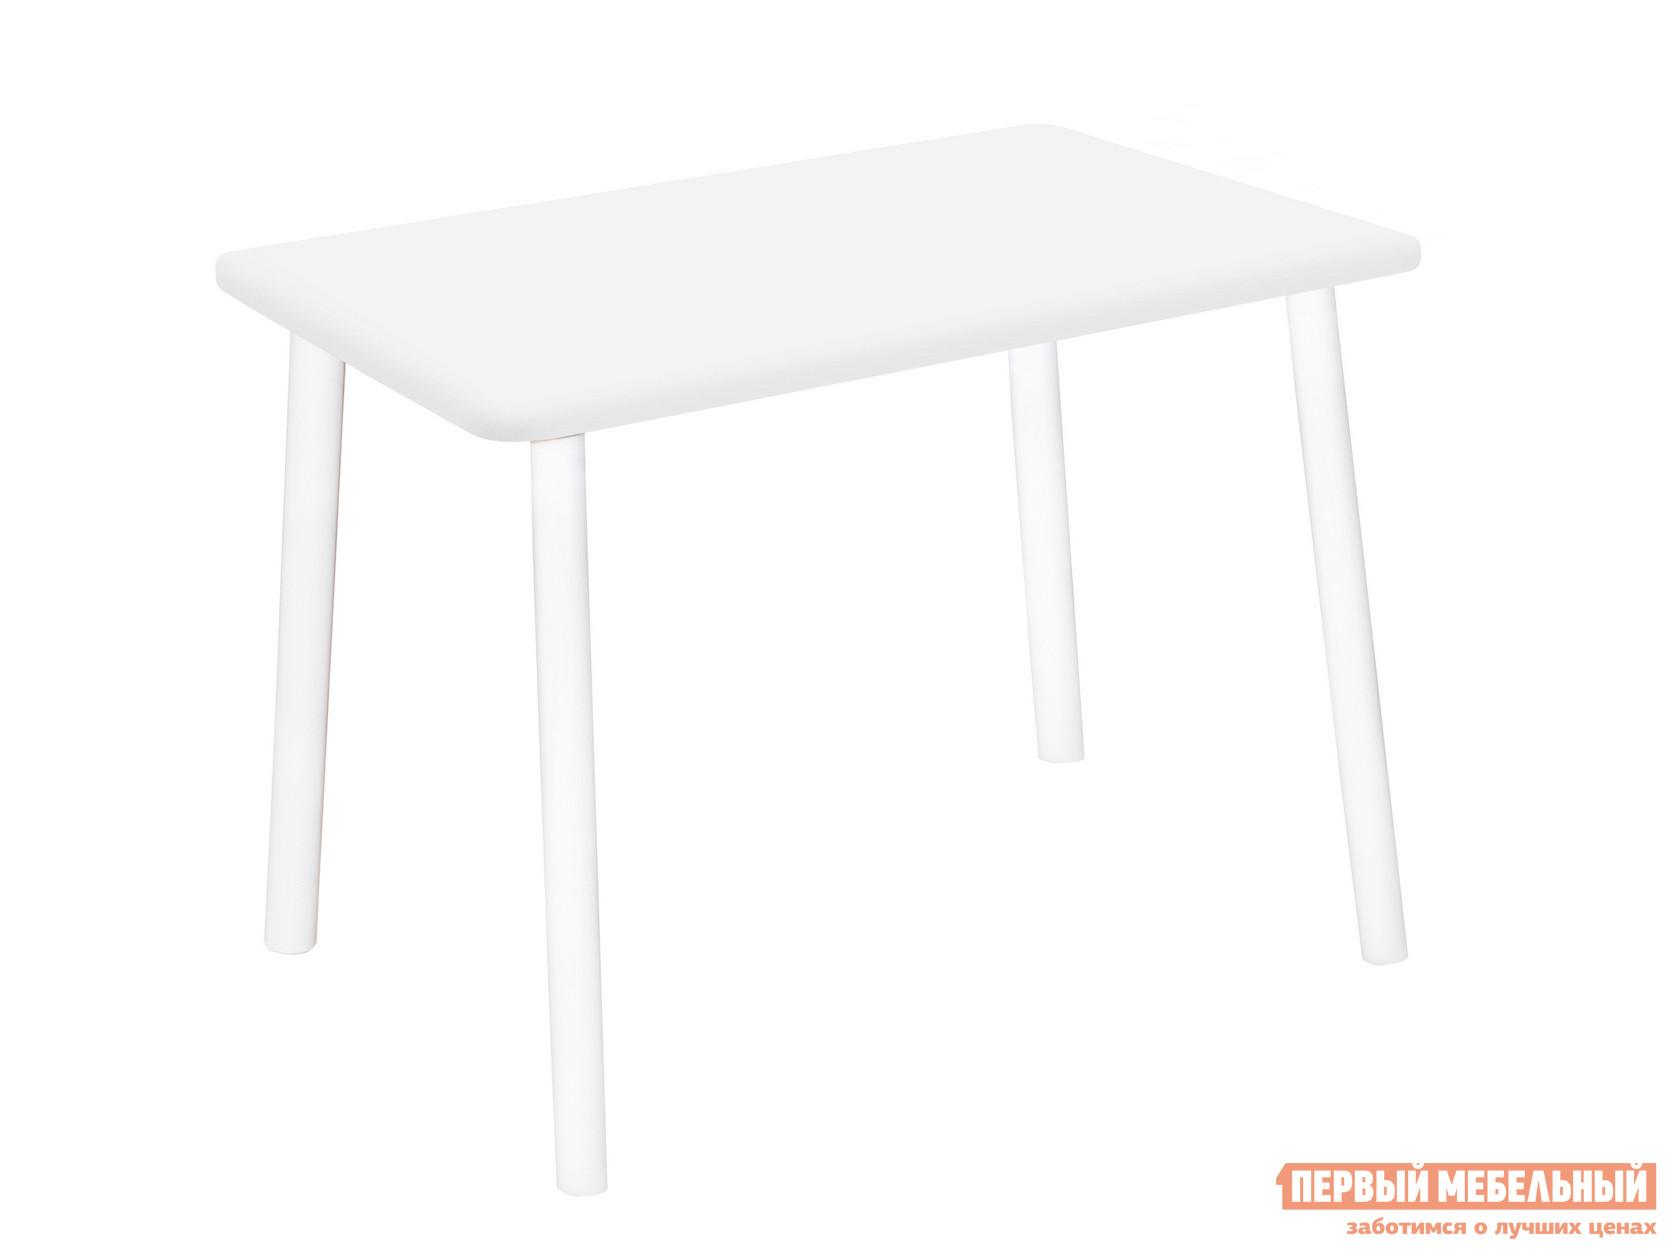 Столик и стульчик  Детский Стол Eco Star Белый